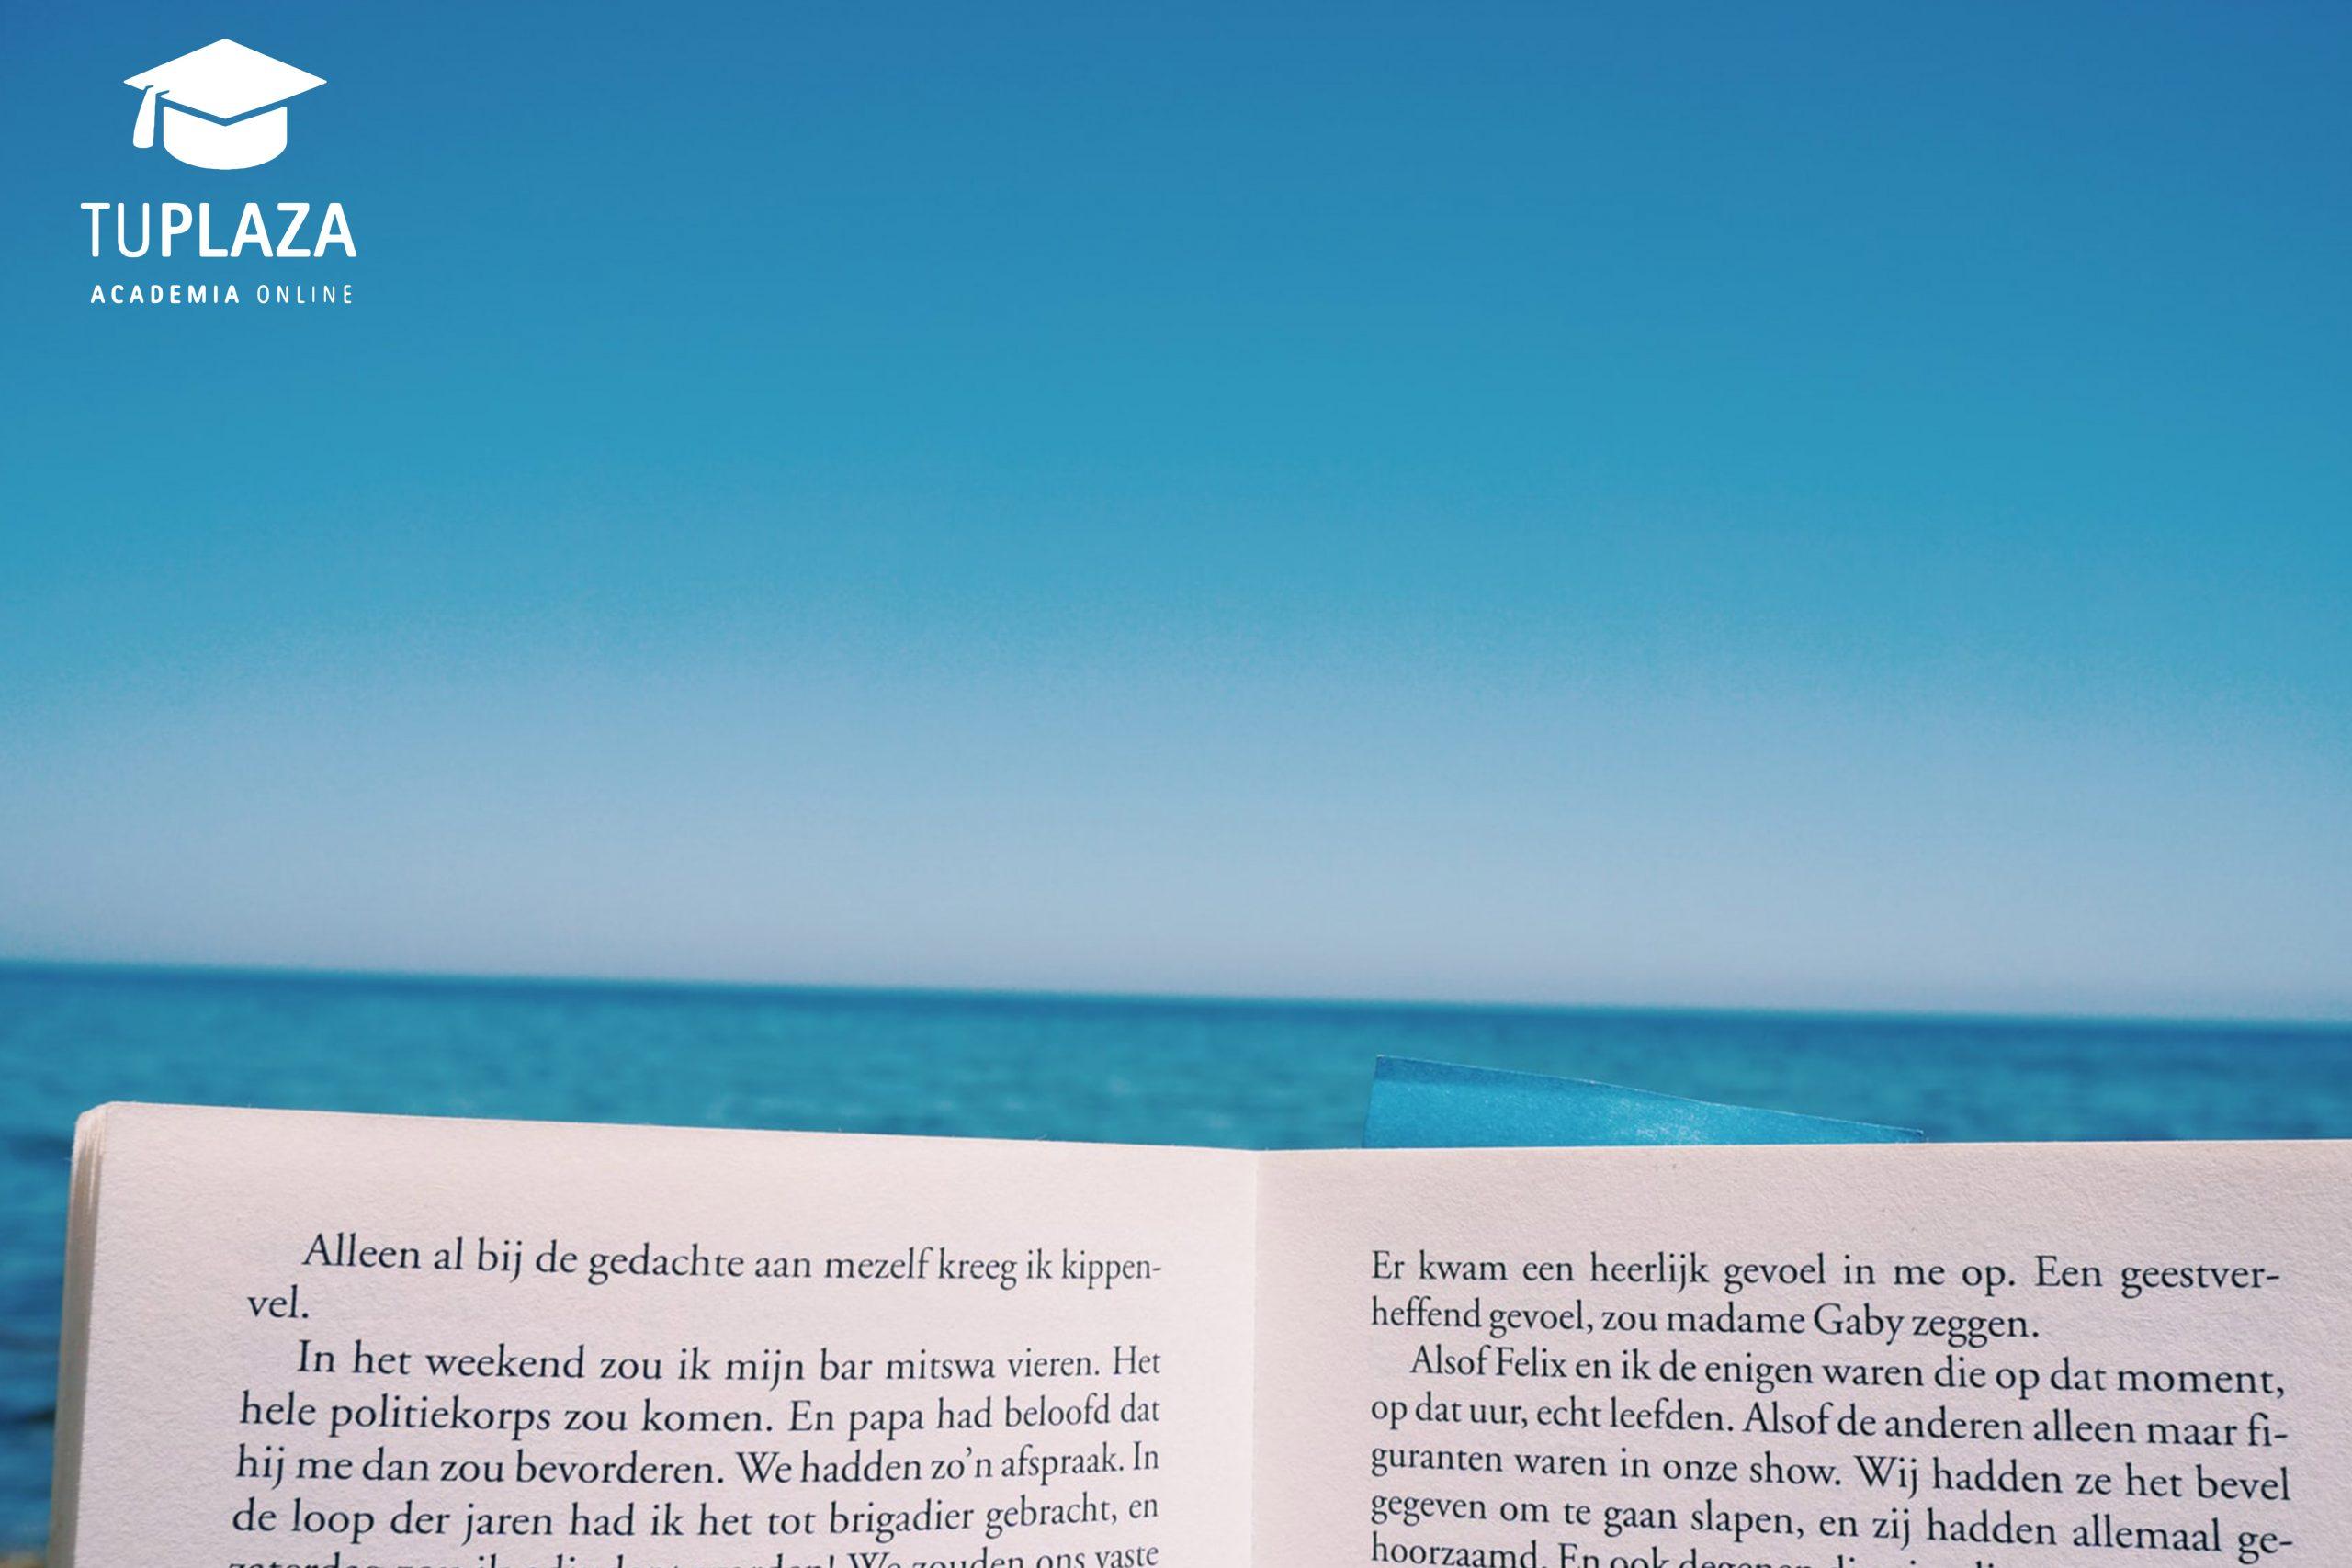 01-Cómo continuar estudiando durante el calor del verano